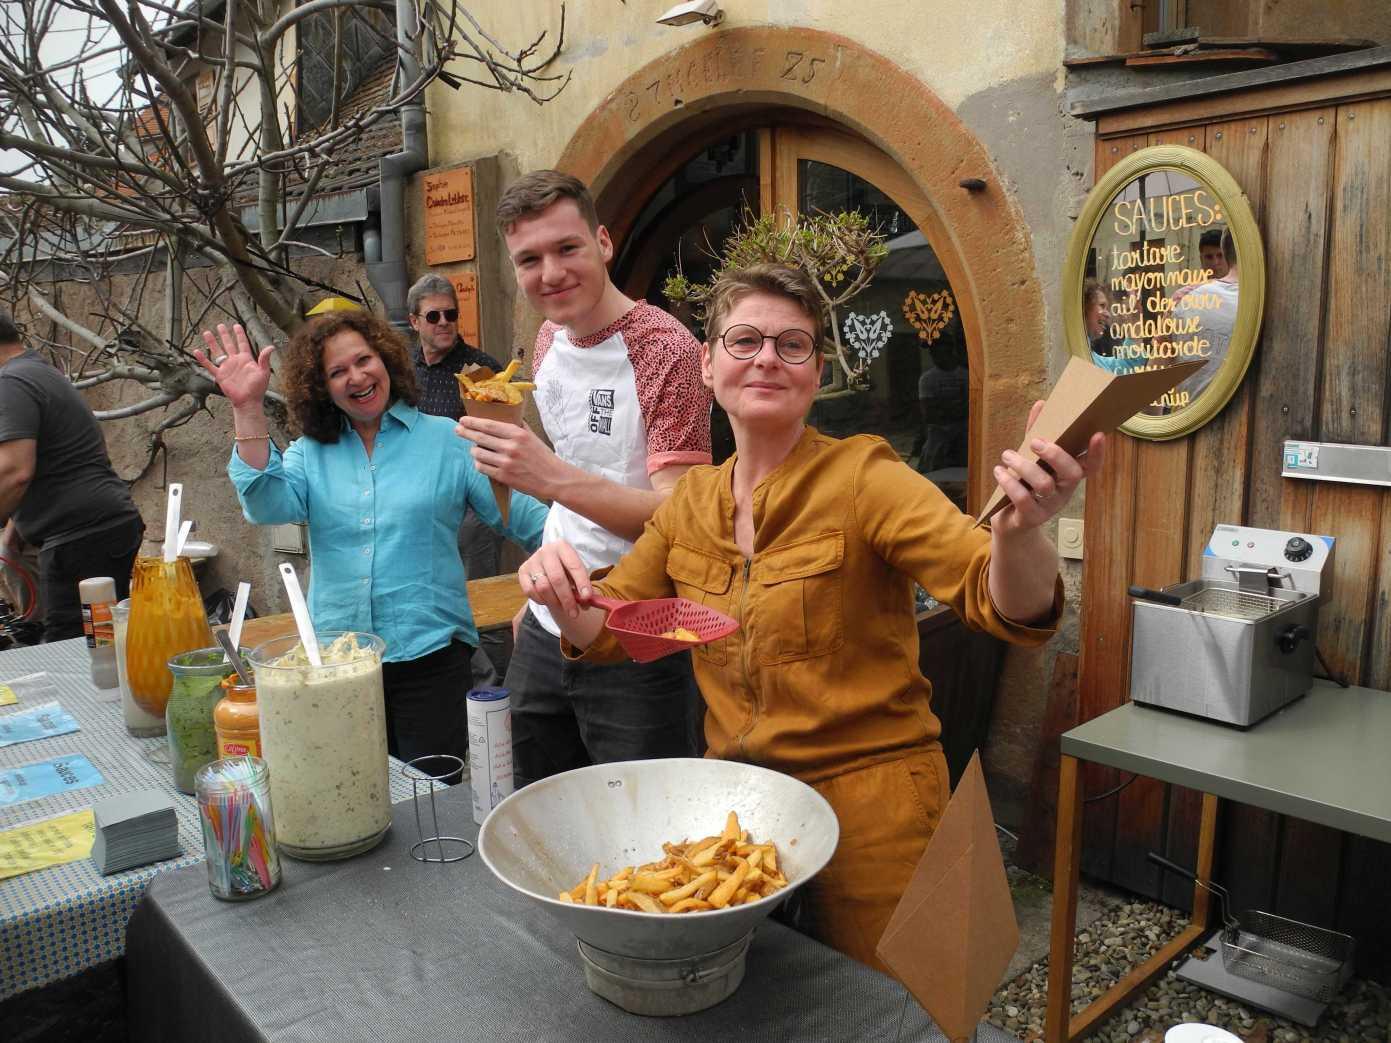 Auf belgische Art, die besten Fritten der Welt ...